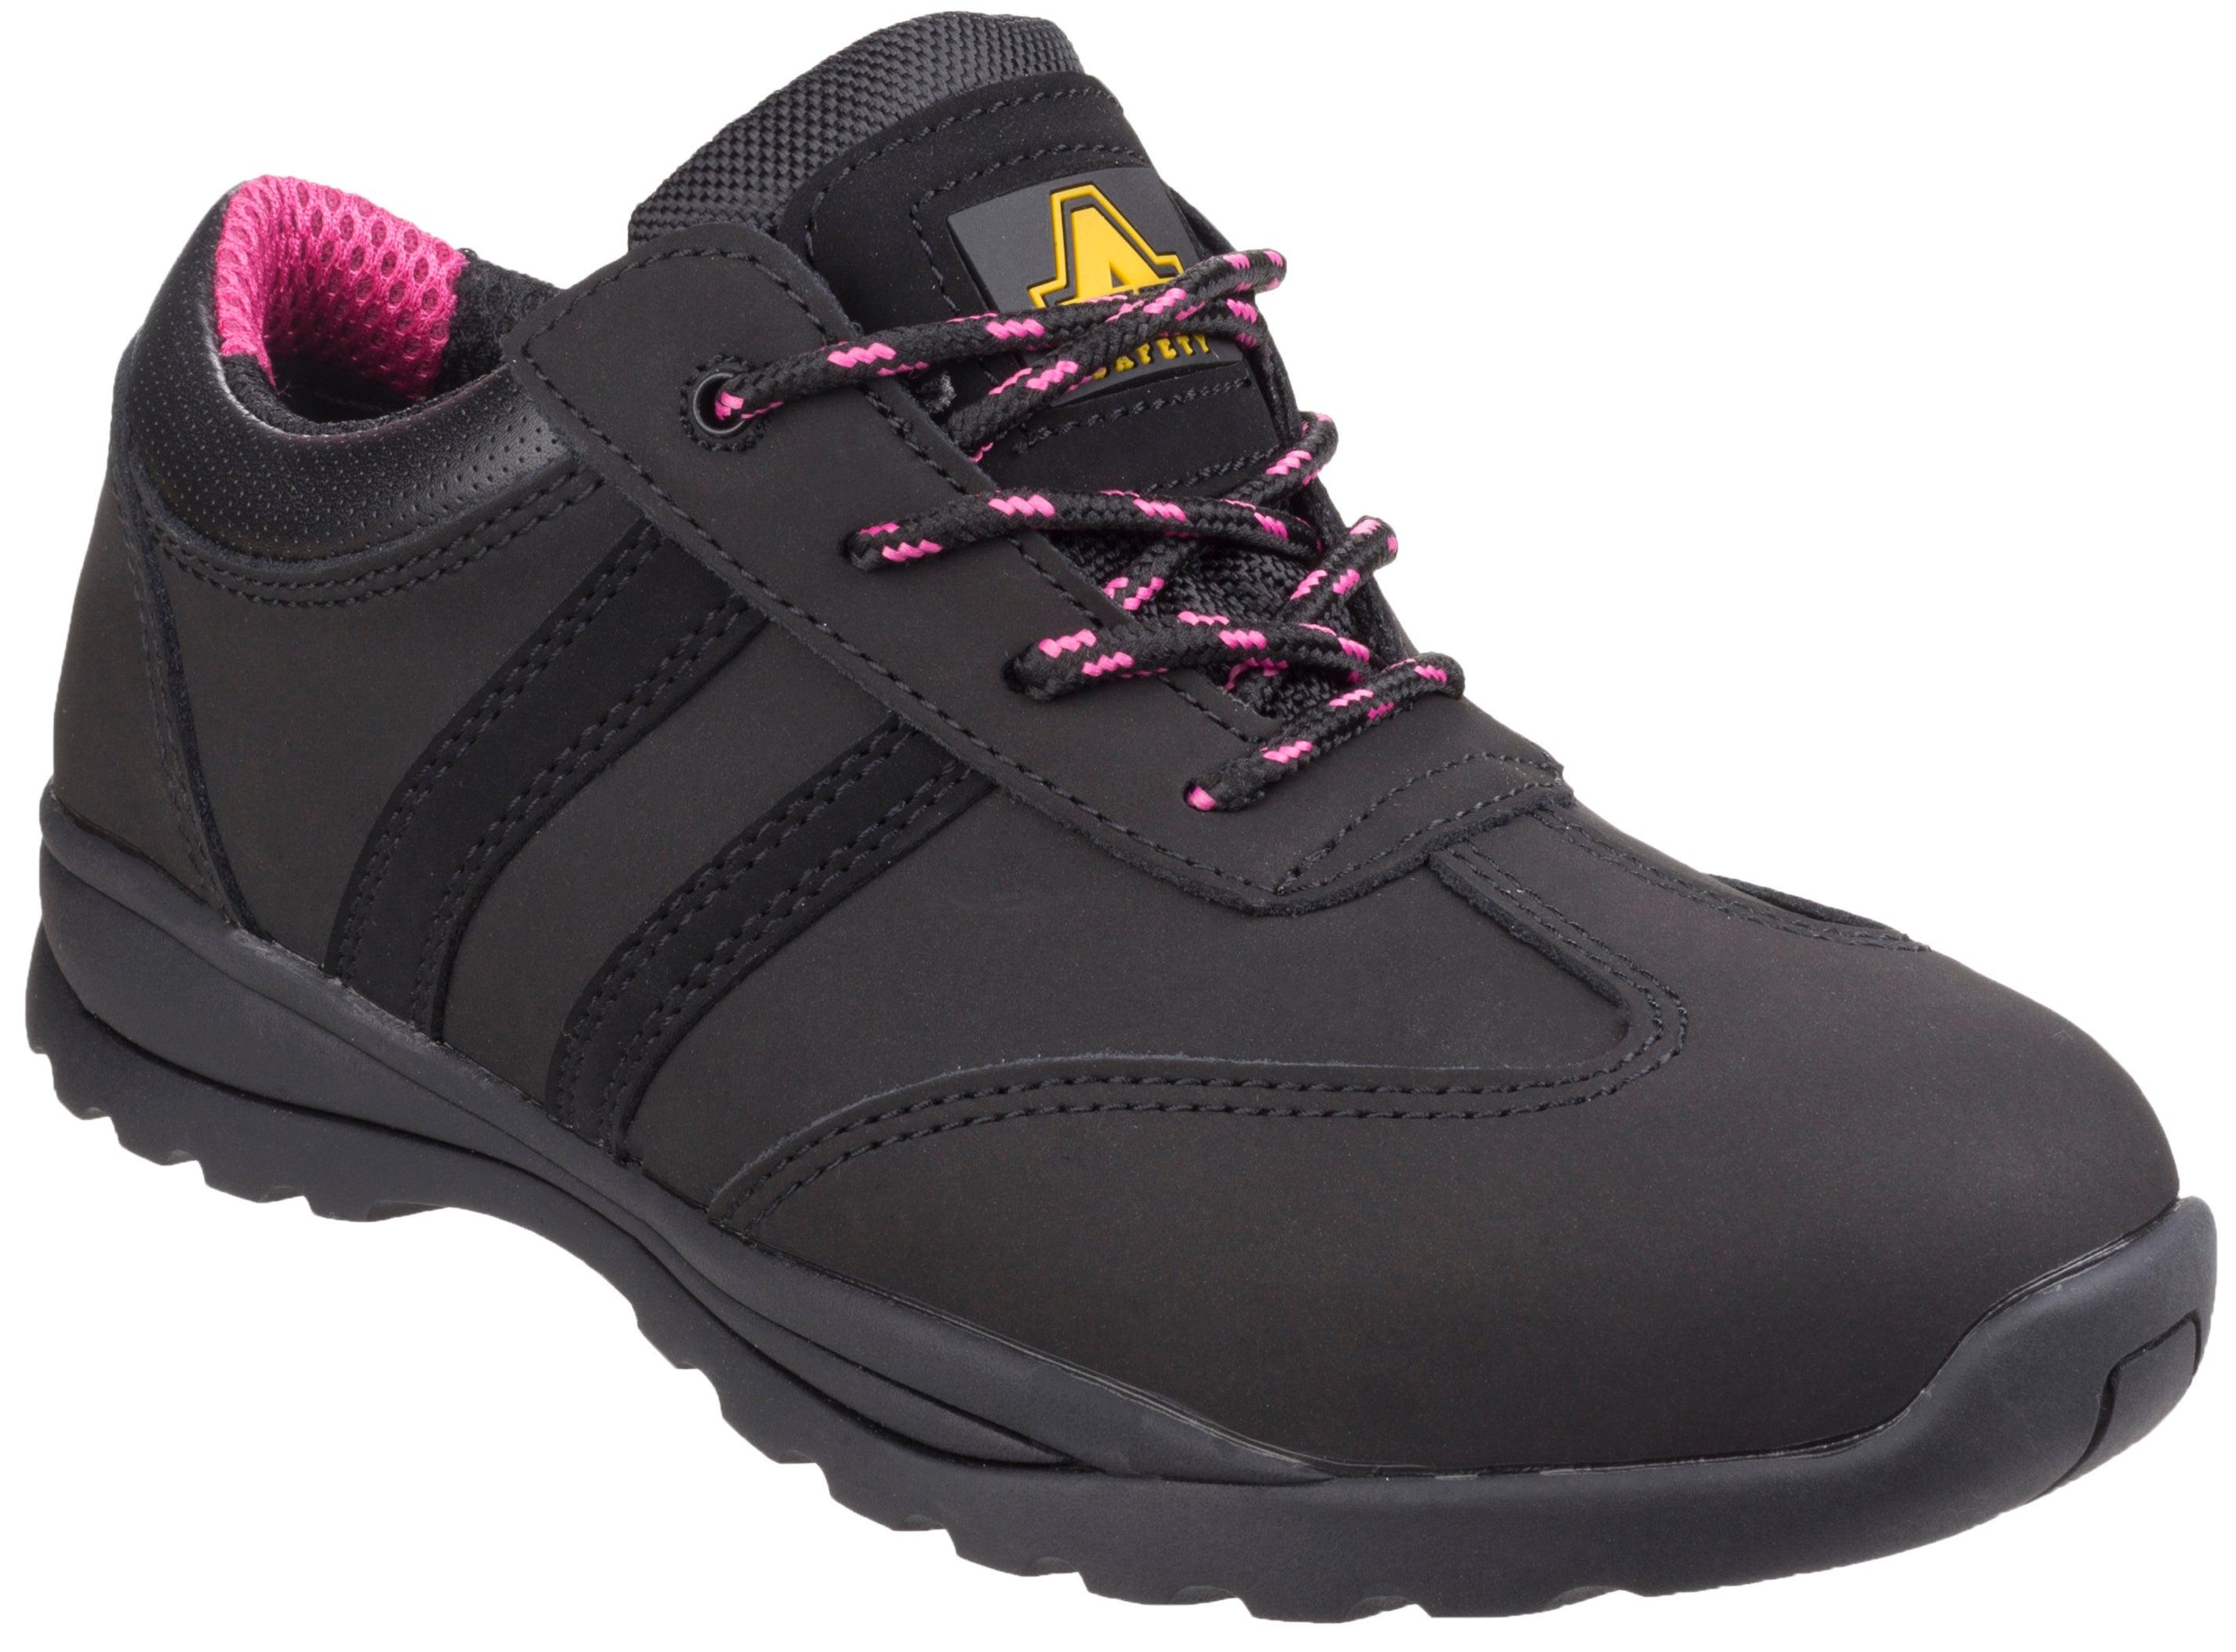 de et T36 basses Sophiecoloris sécurité rose femme Chaussures laçage noir J3cFK1Tl